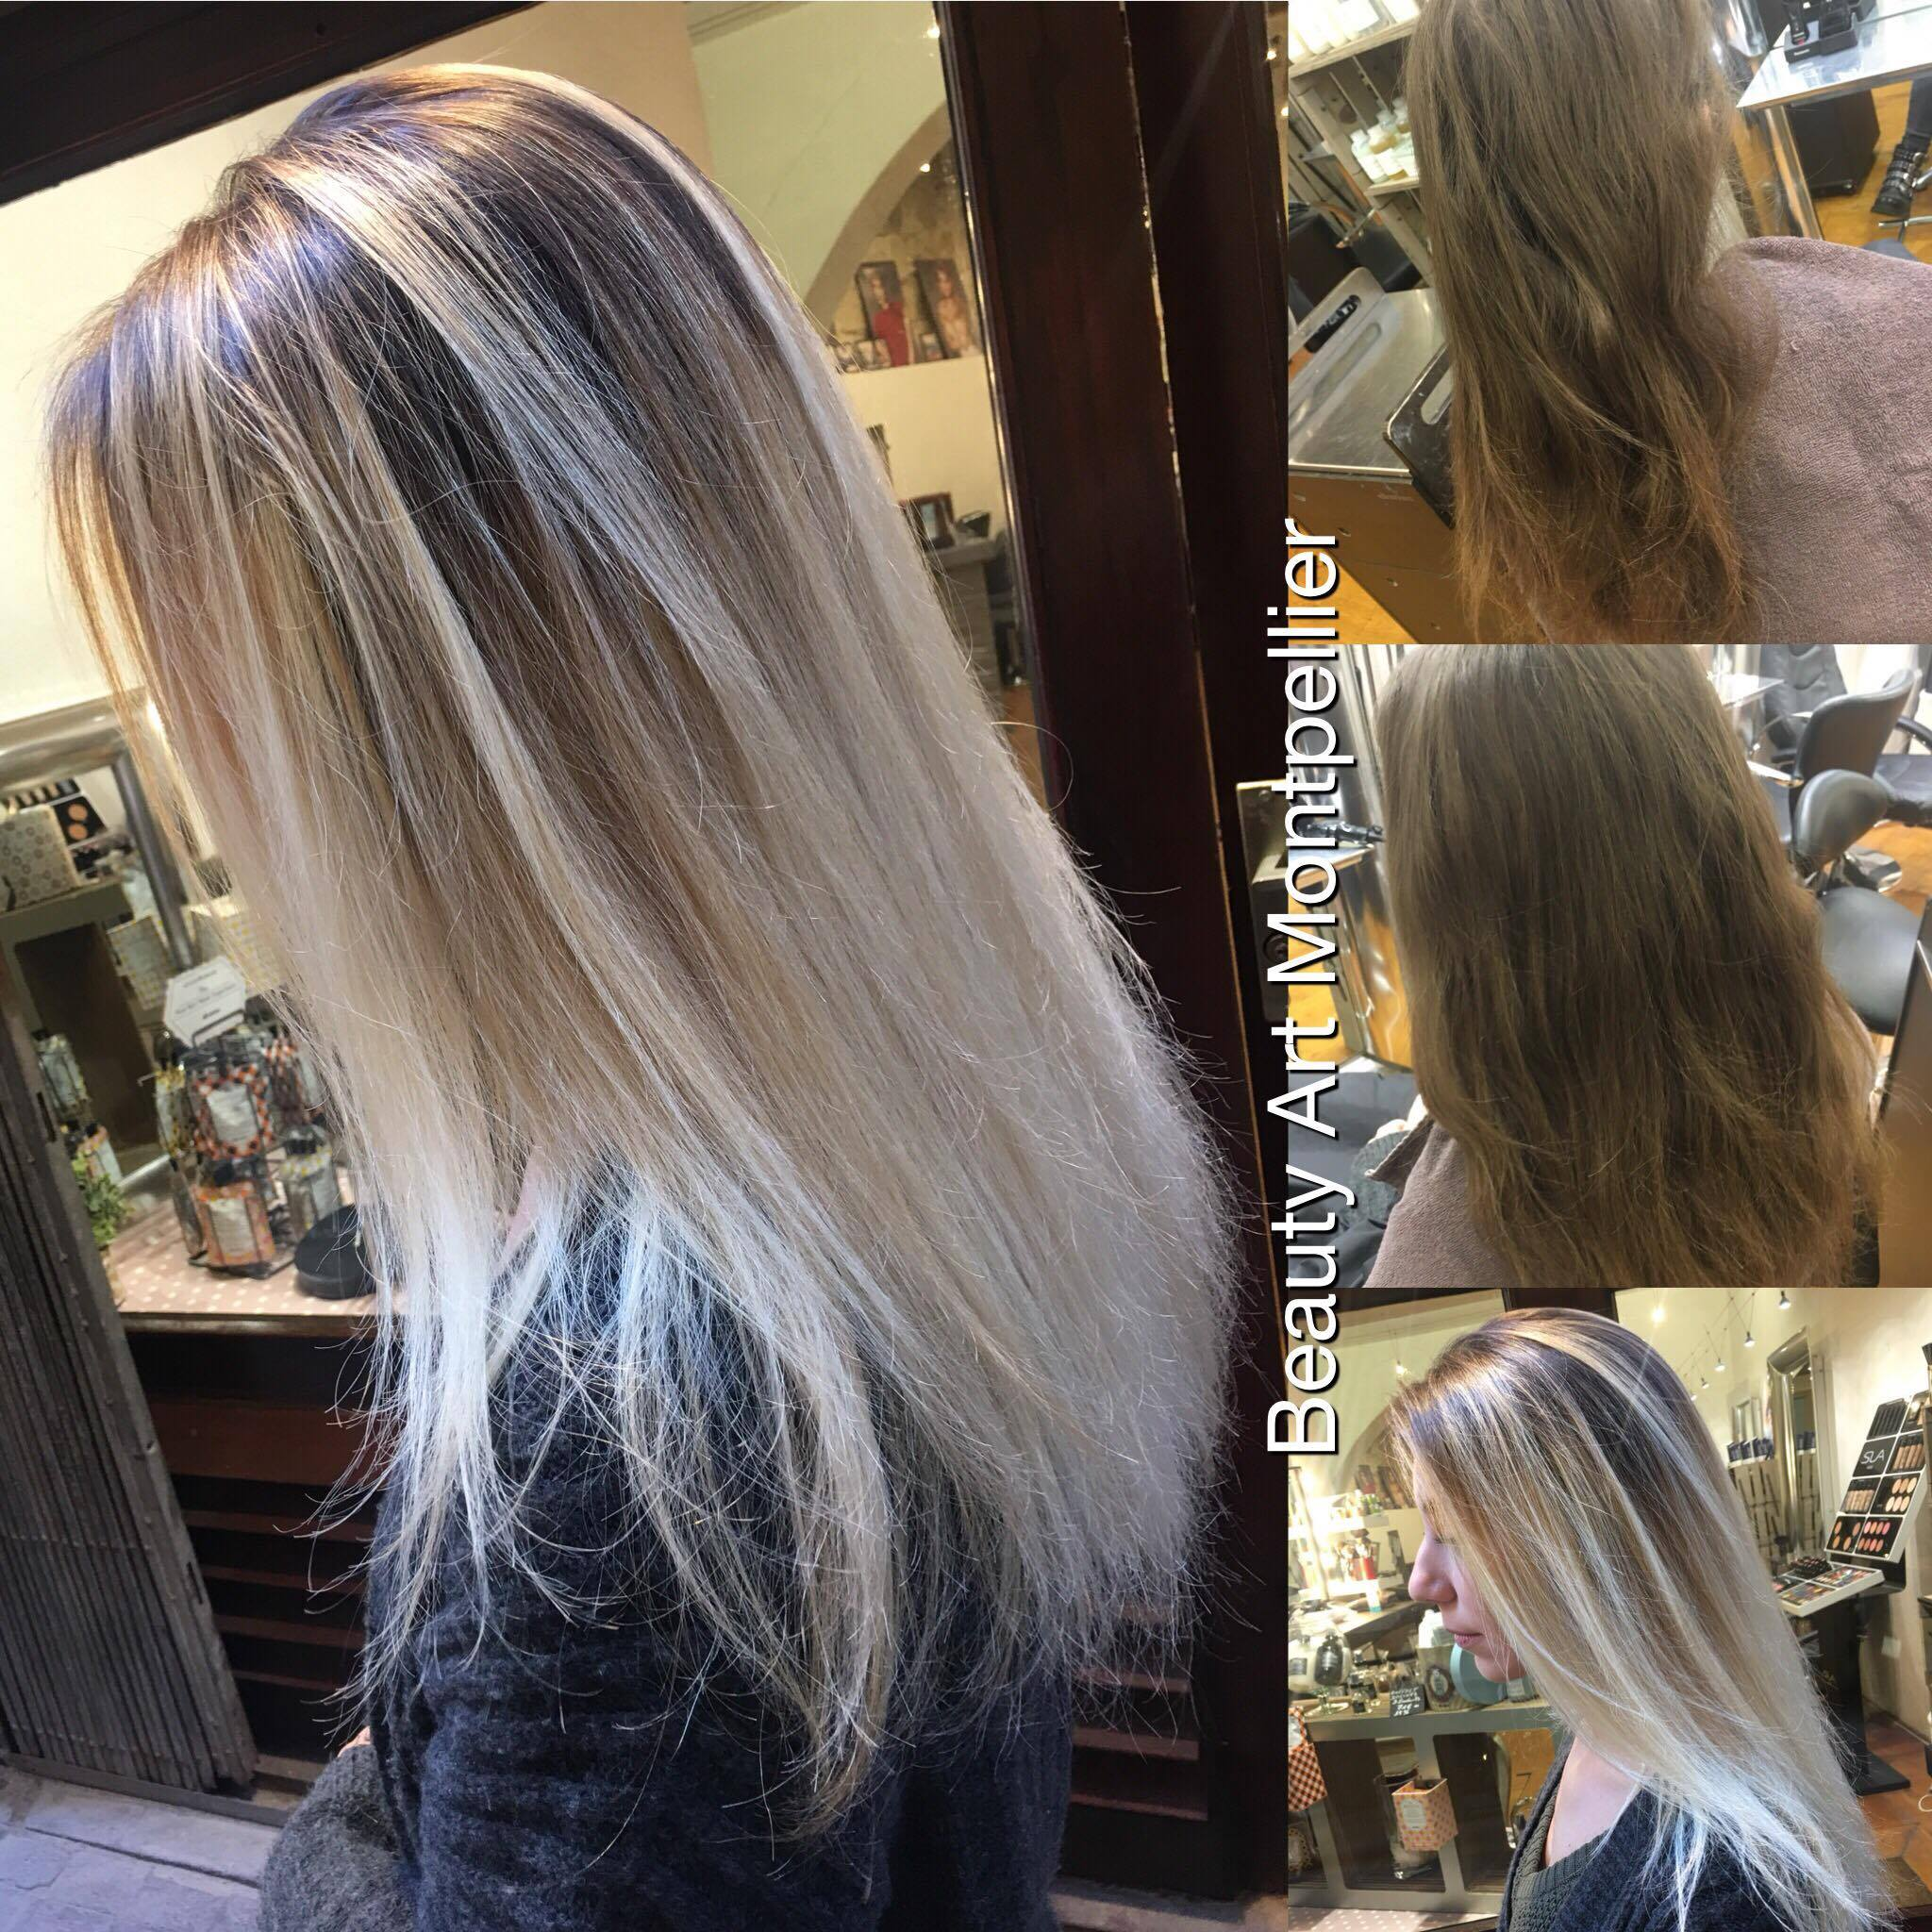 Salon de coiffure montpellier 7 beauty art - Salon de massage montpellier ...